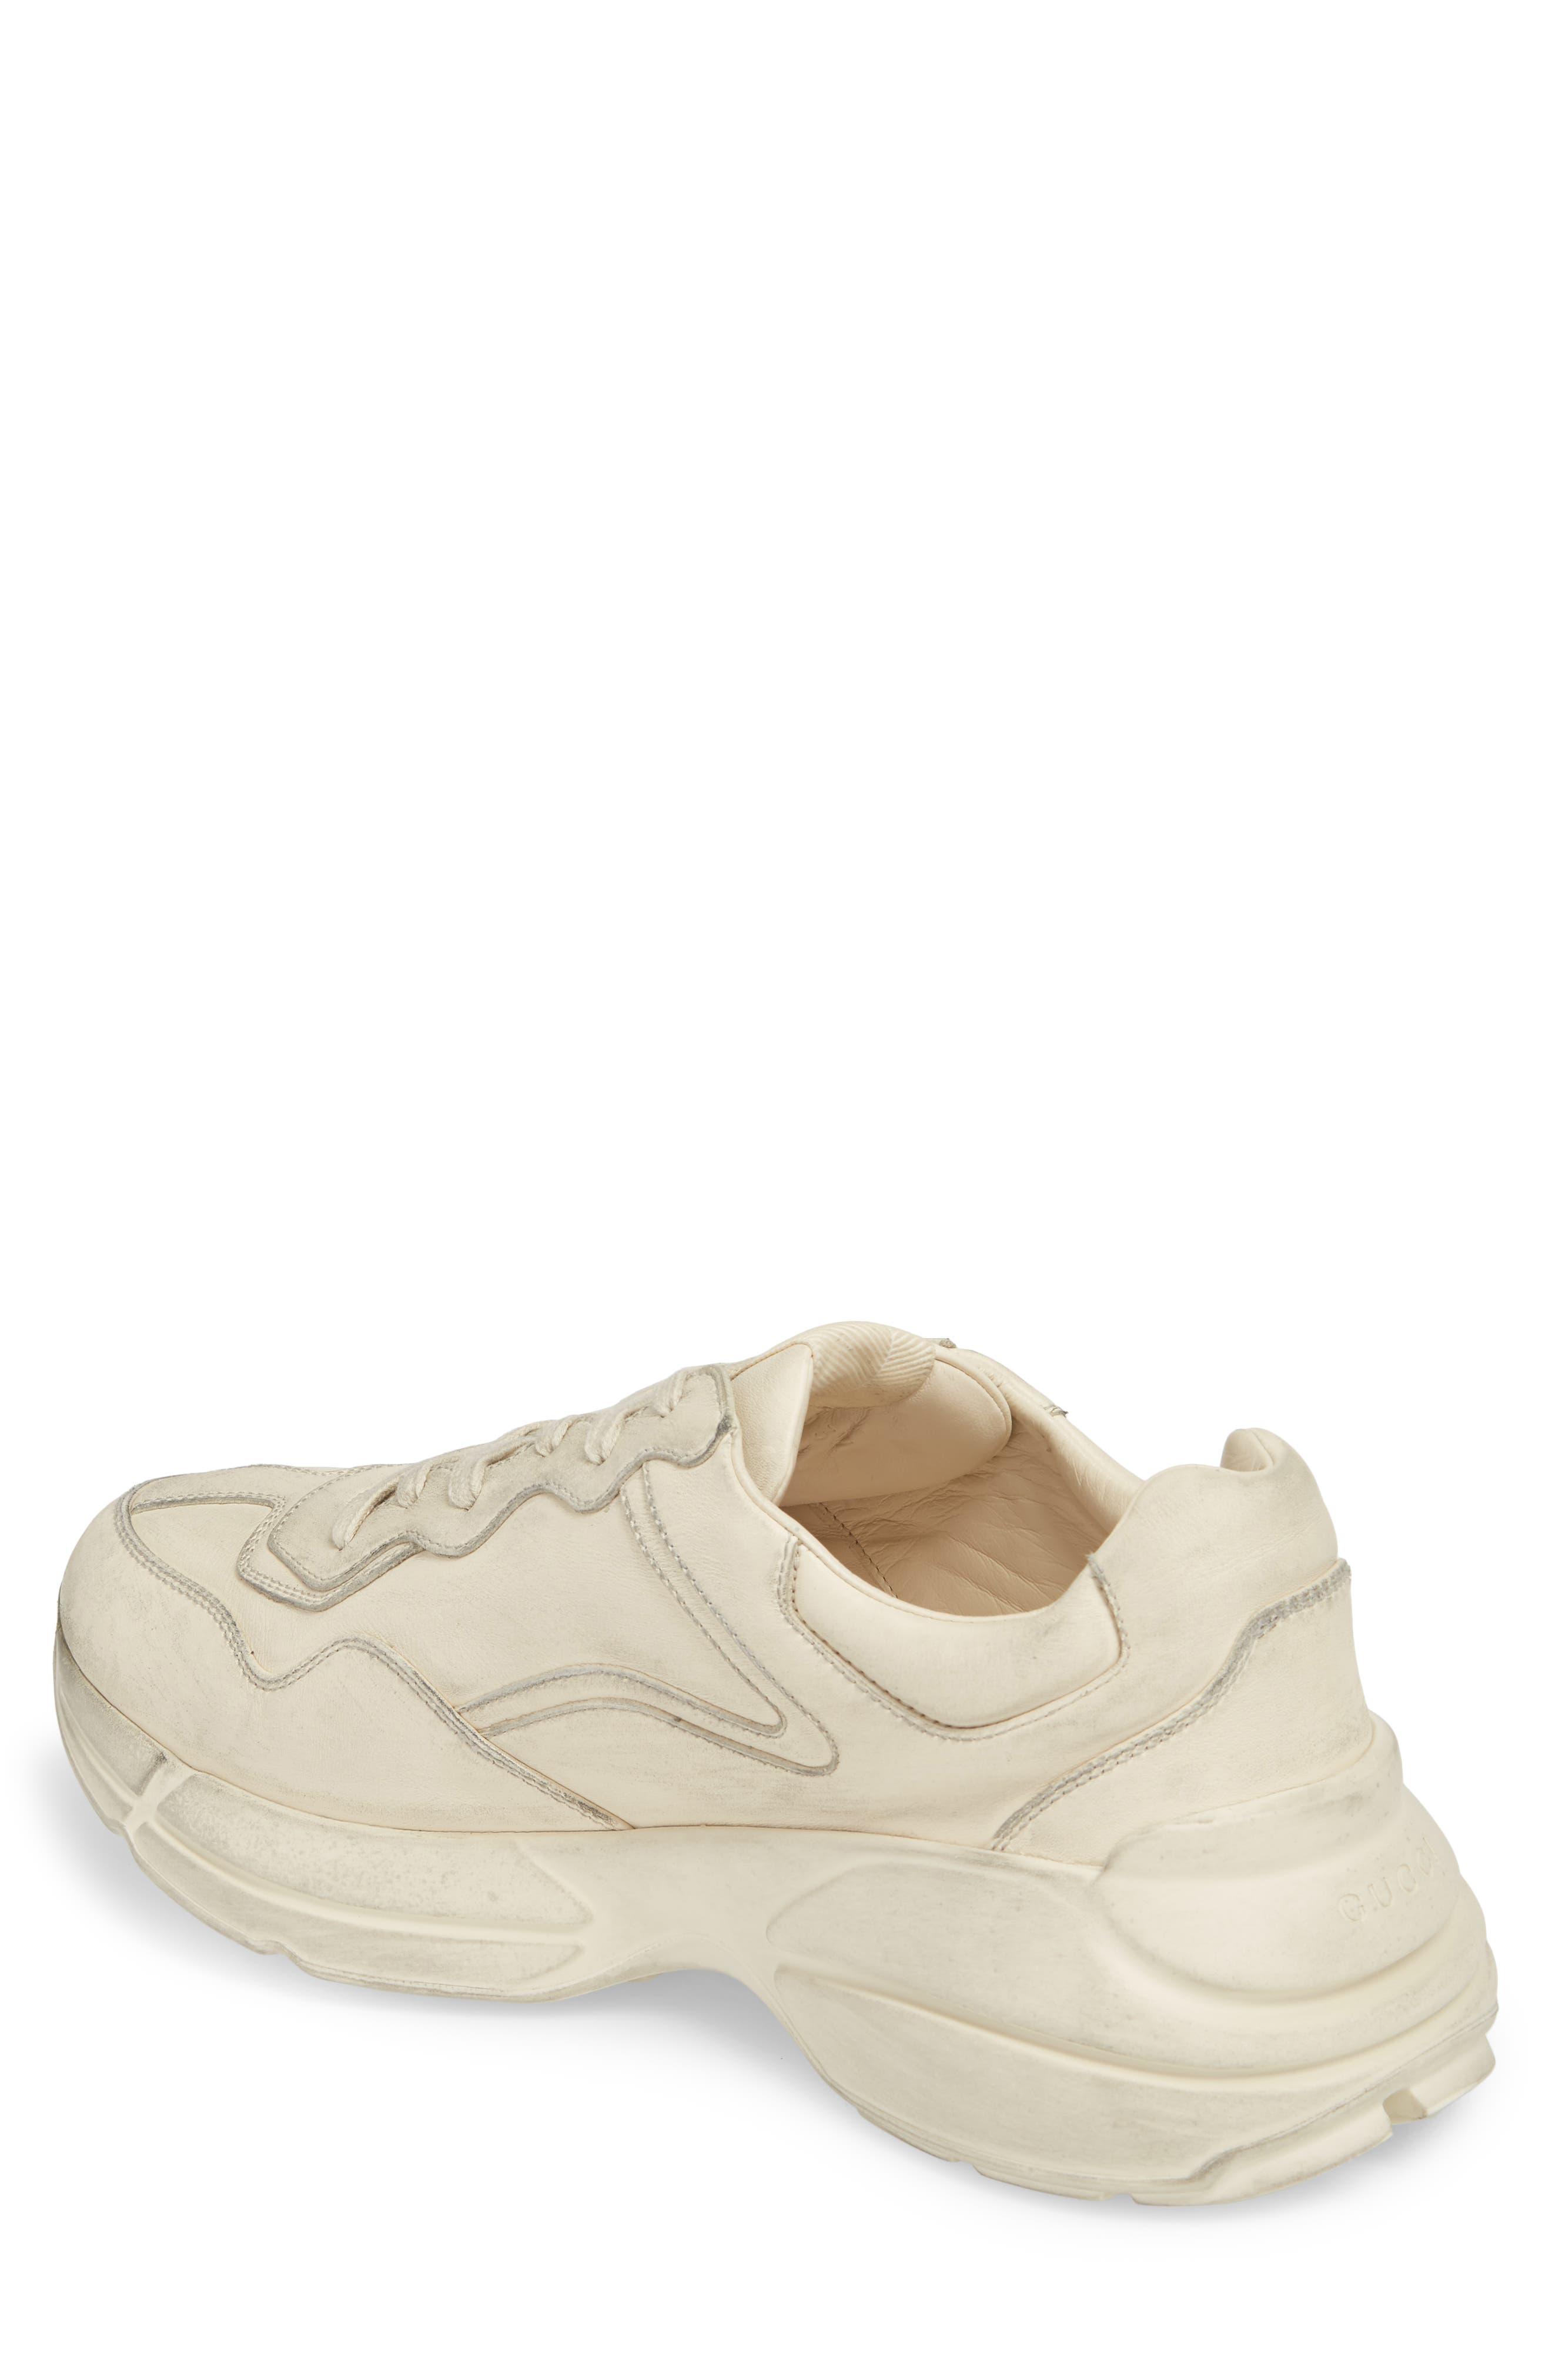 Rhyton Sneaker,                             Alternate thumbnail 2, color,                             Ivory White